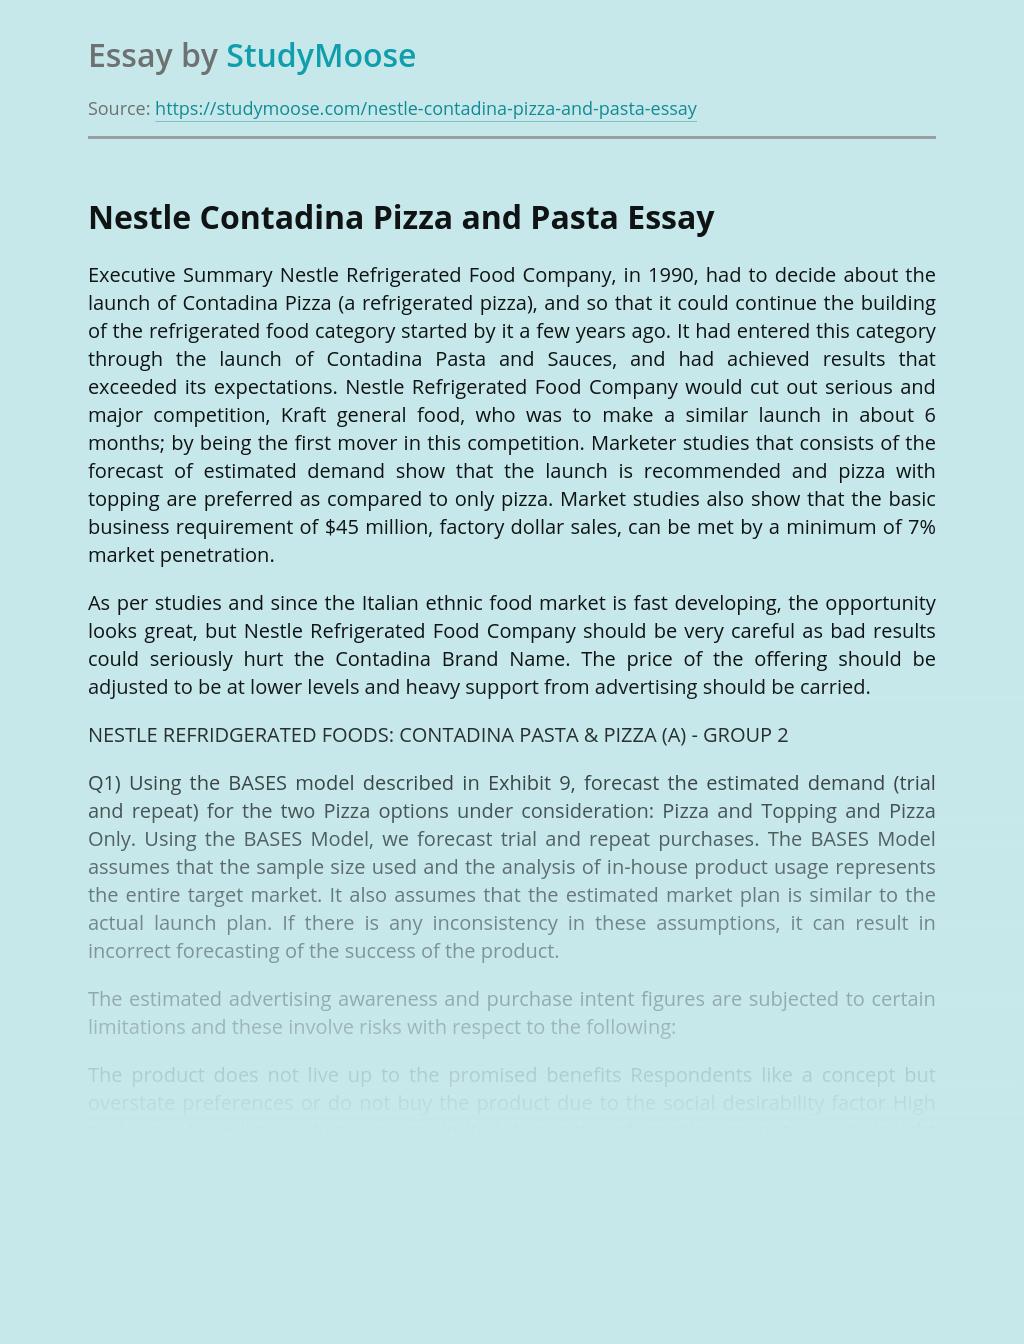 Nestle Contadina Pizza and Pasta